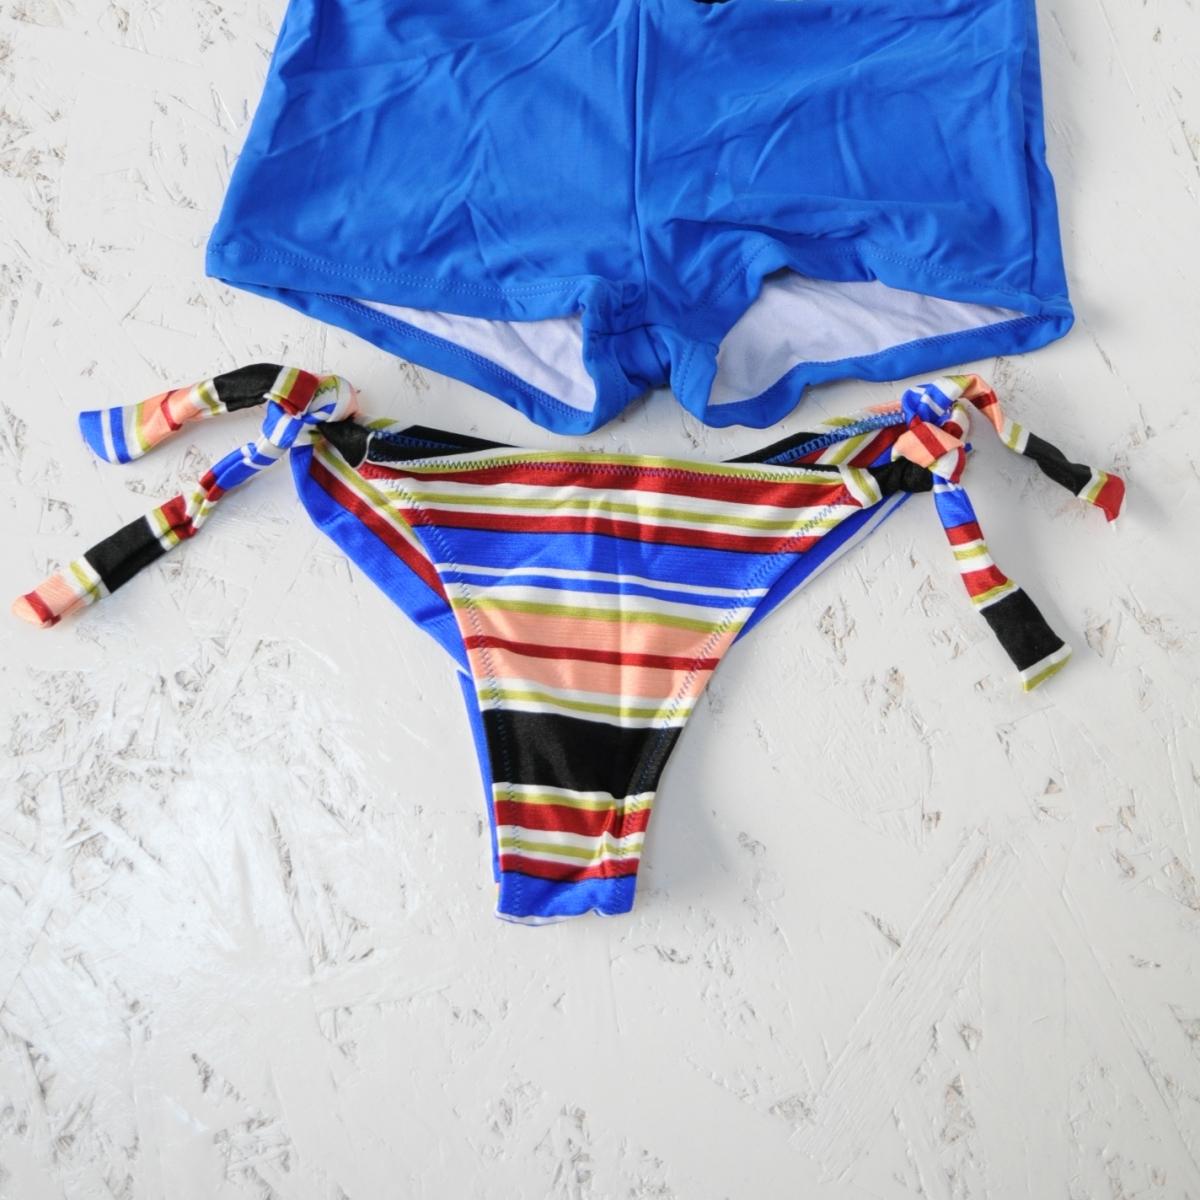 Costum de baie Miria blue